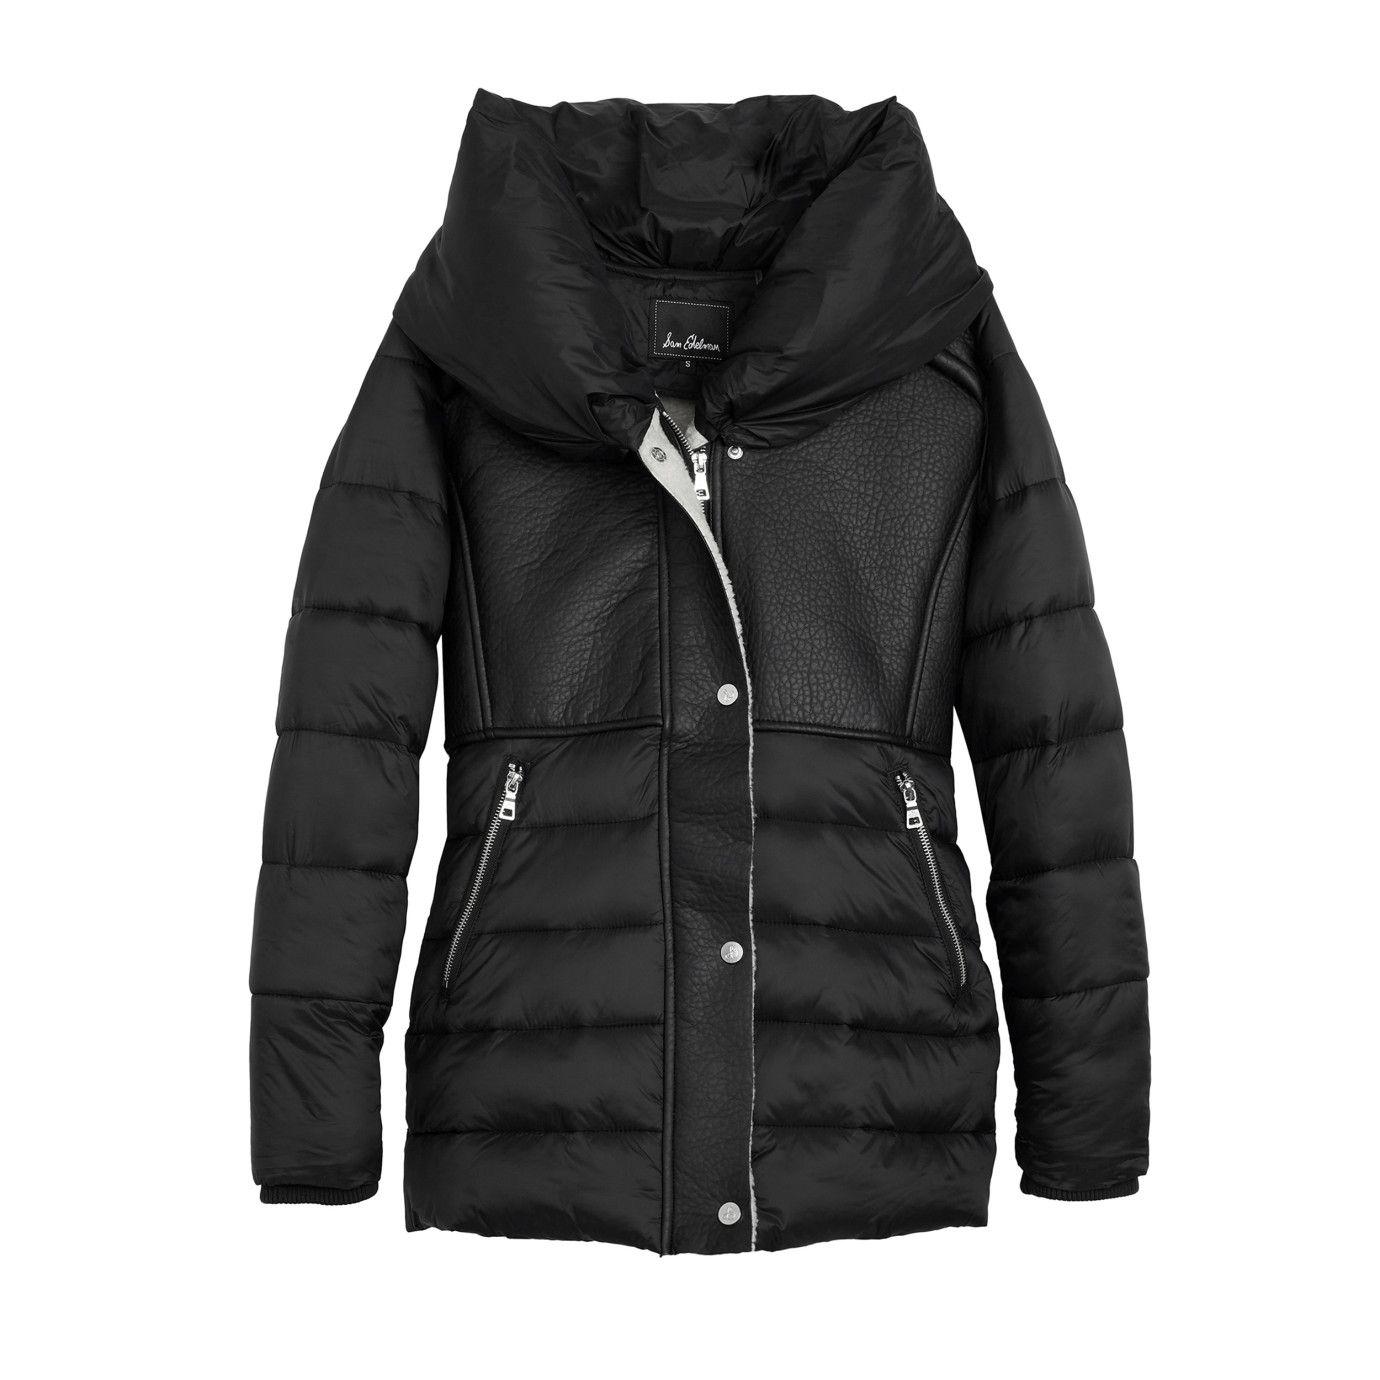 Brooklyn Puffer Jacket By Sam Edelman Winter Jackets Jackets Puffer Jackets [ 1380 x 1380 Pixel ]